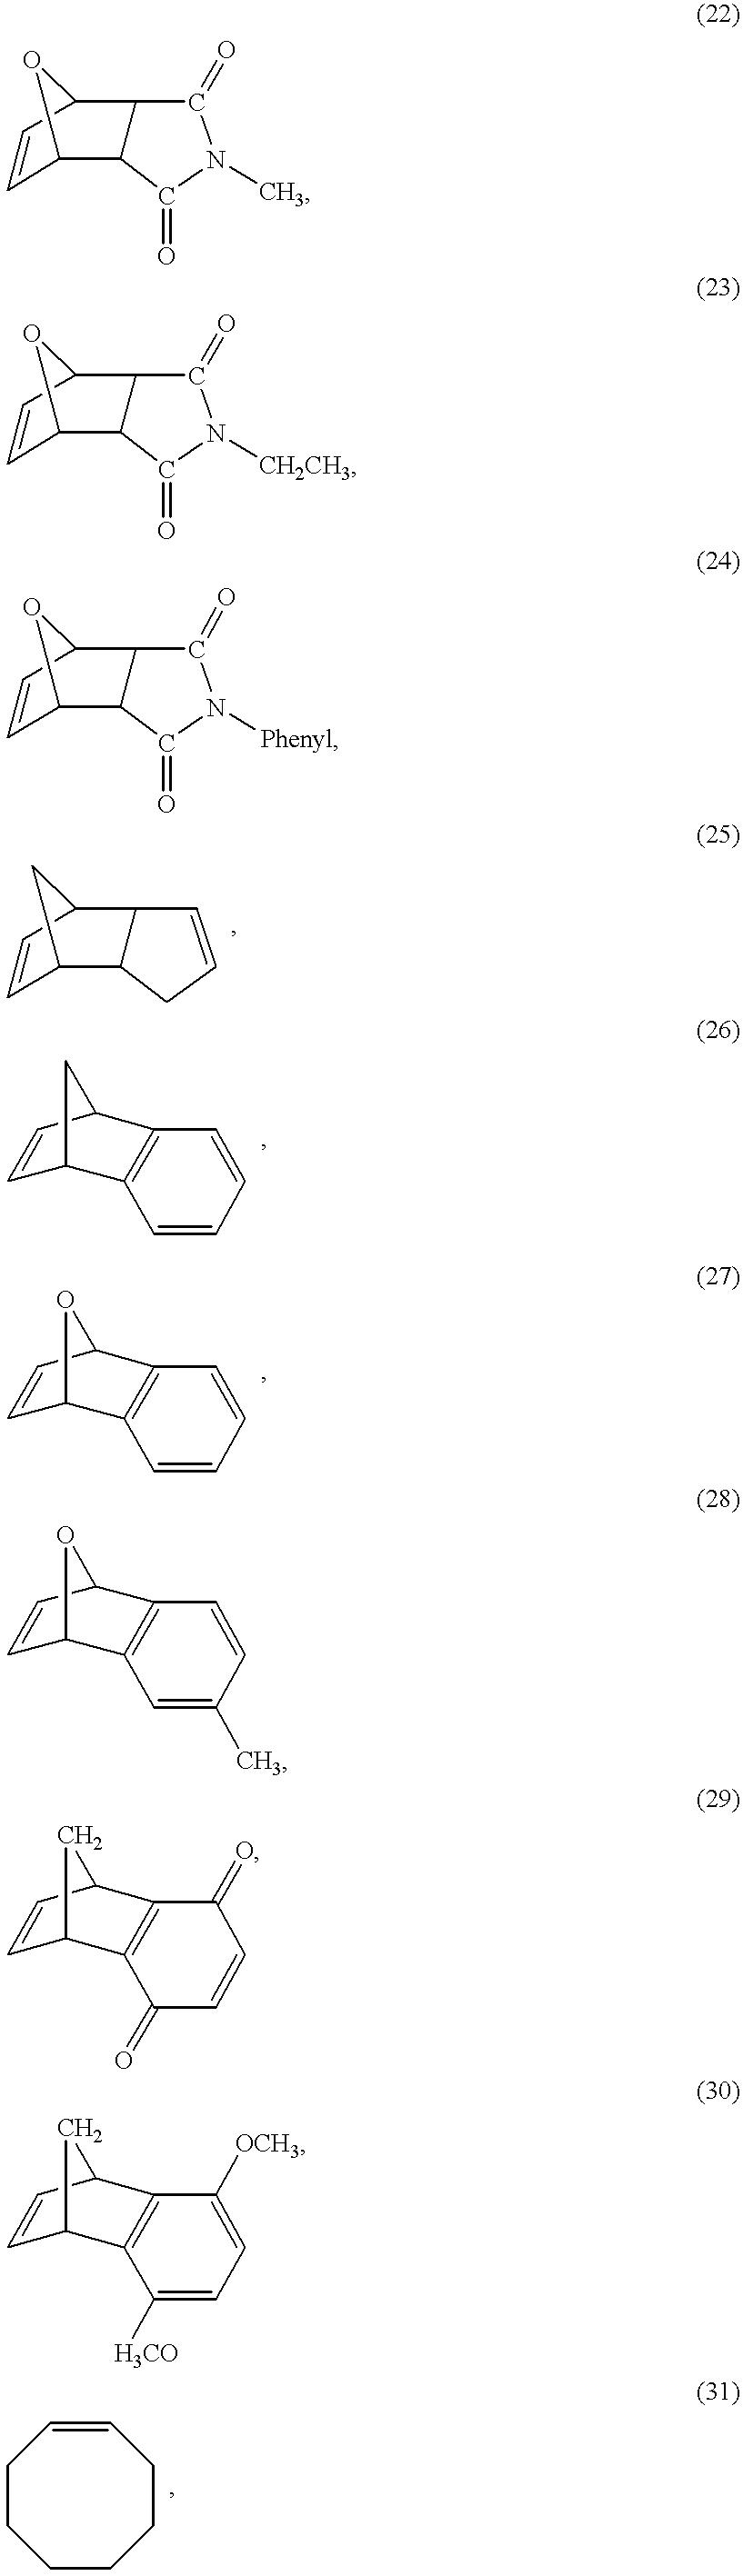 Figure US06281307-20010828-C00019